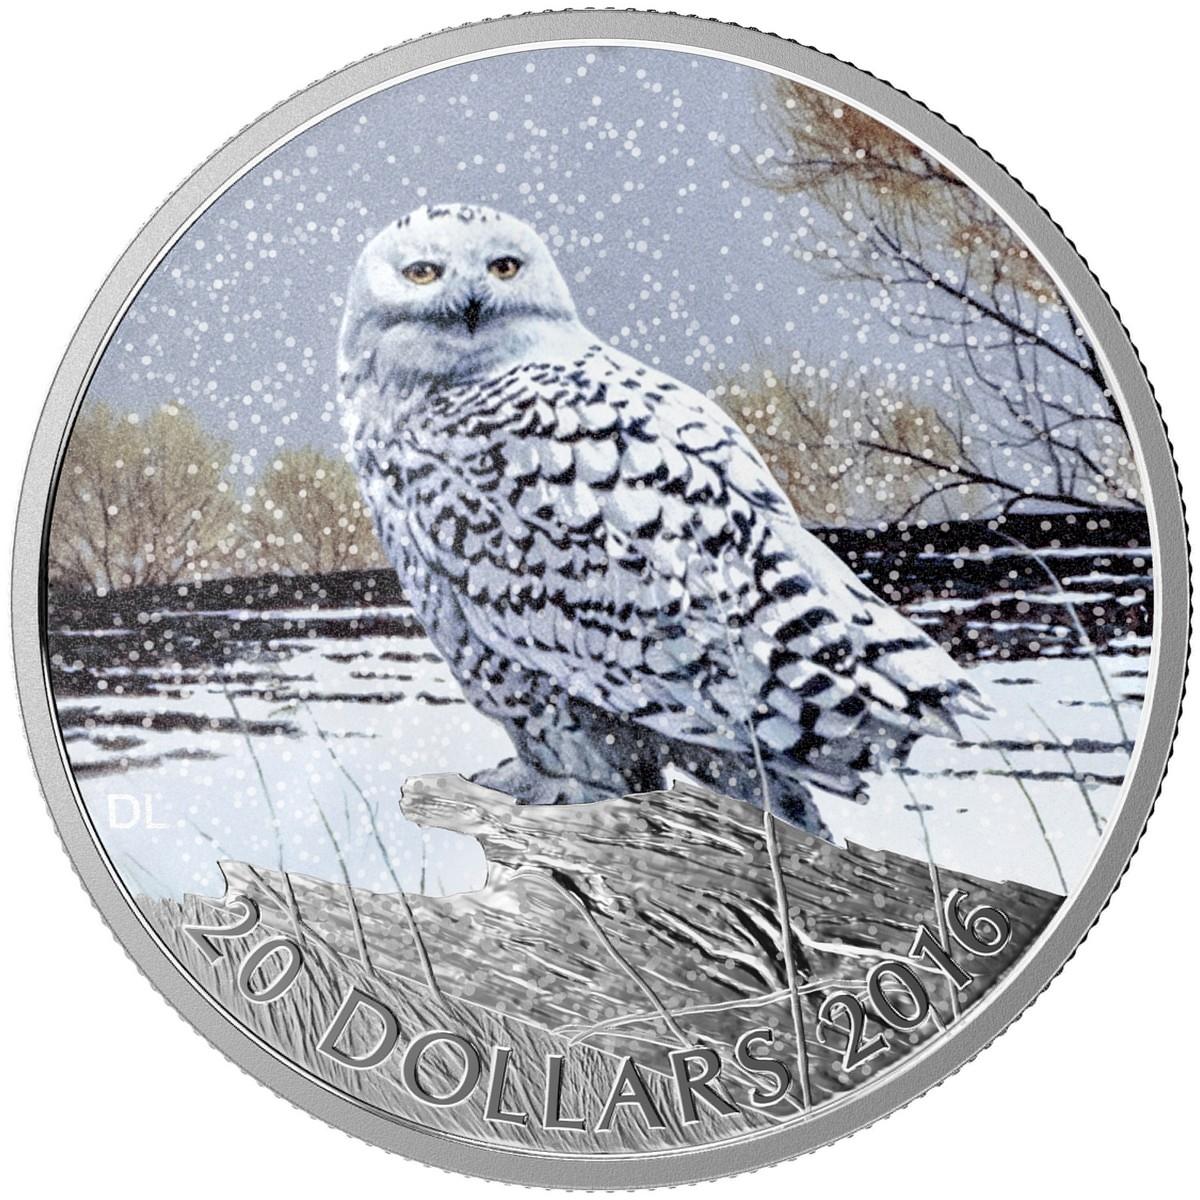 2016 20 1 Oz Fine Silver Coin Snowy Owl The Coin Shoppe